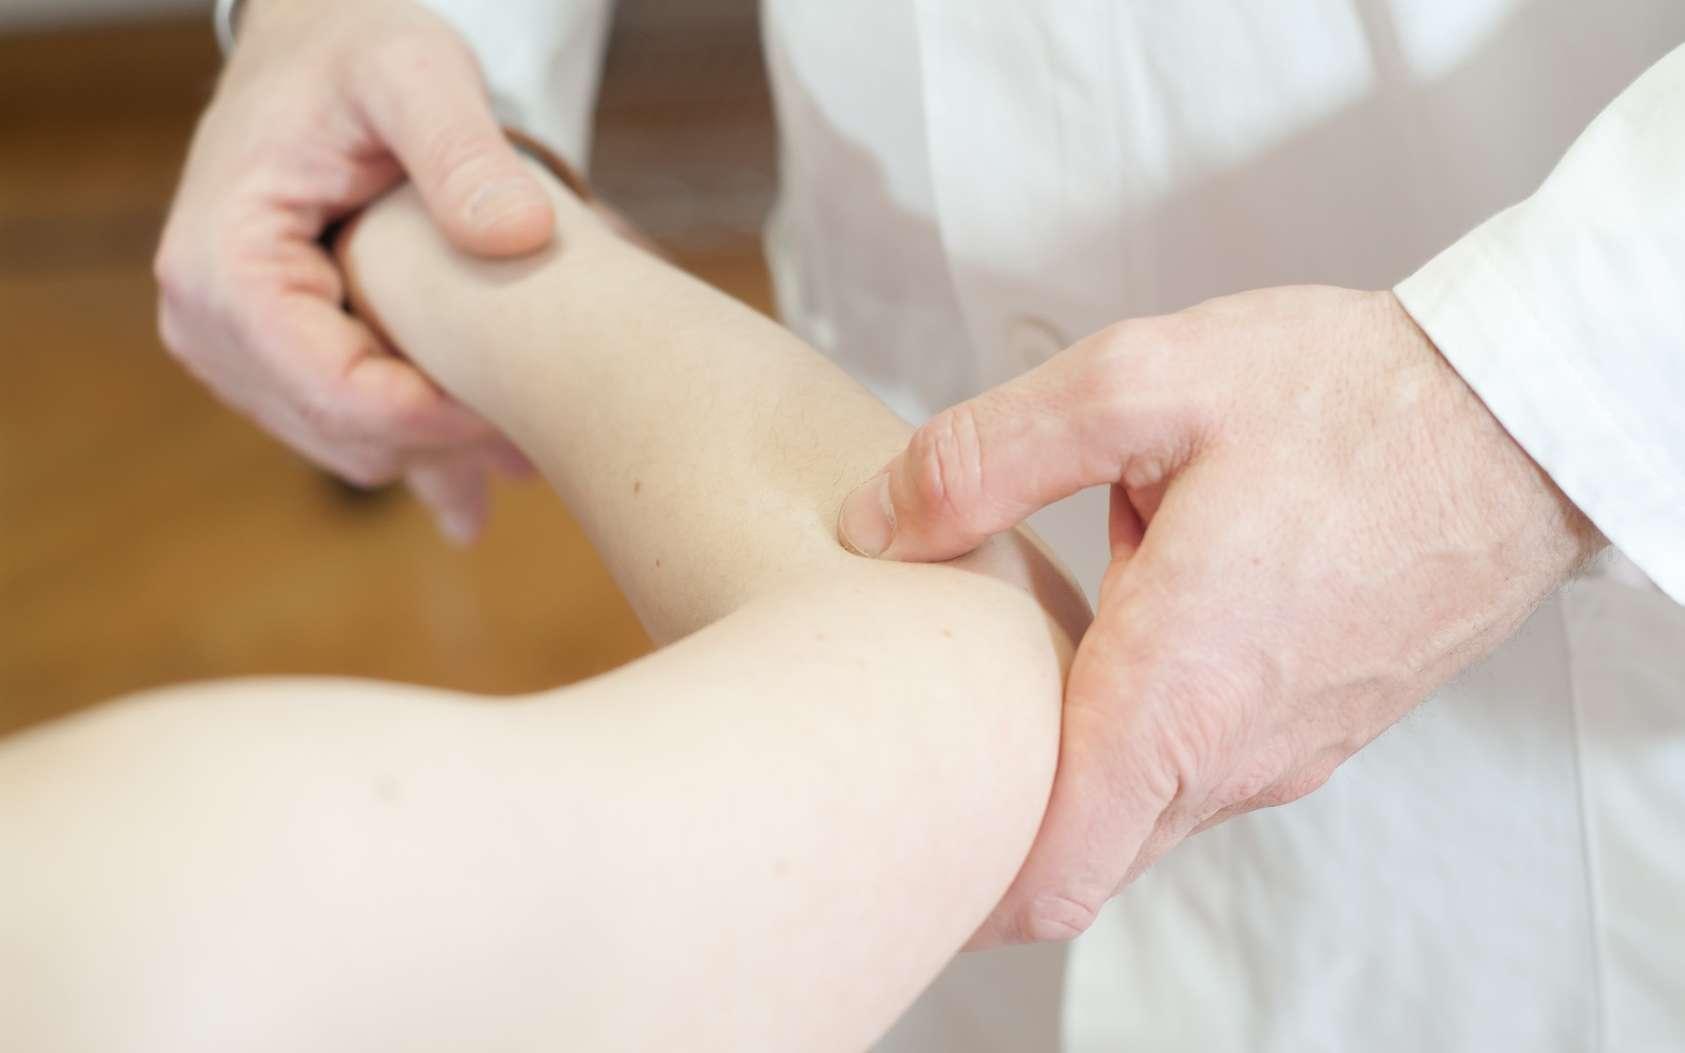 Les douleurs articulaires sont dues à des causes variées. © David Coen, Fotolia